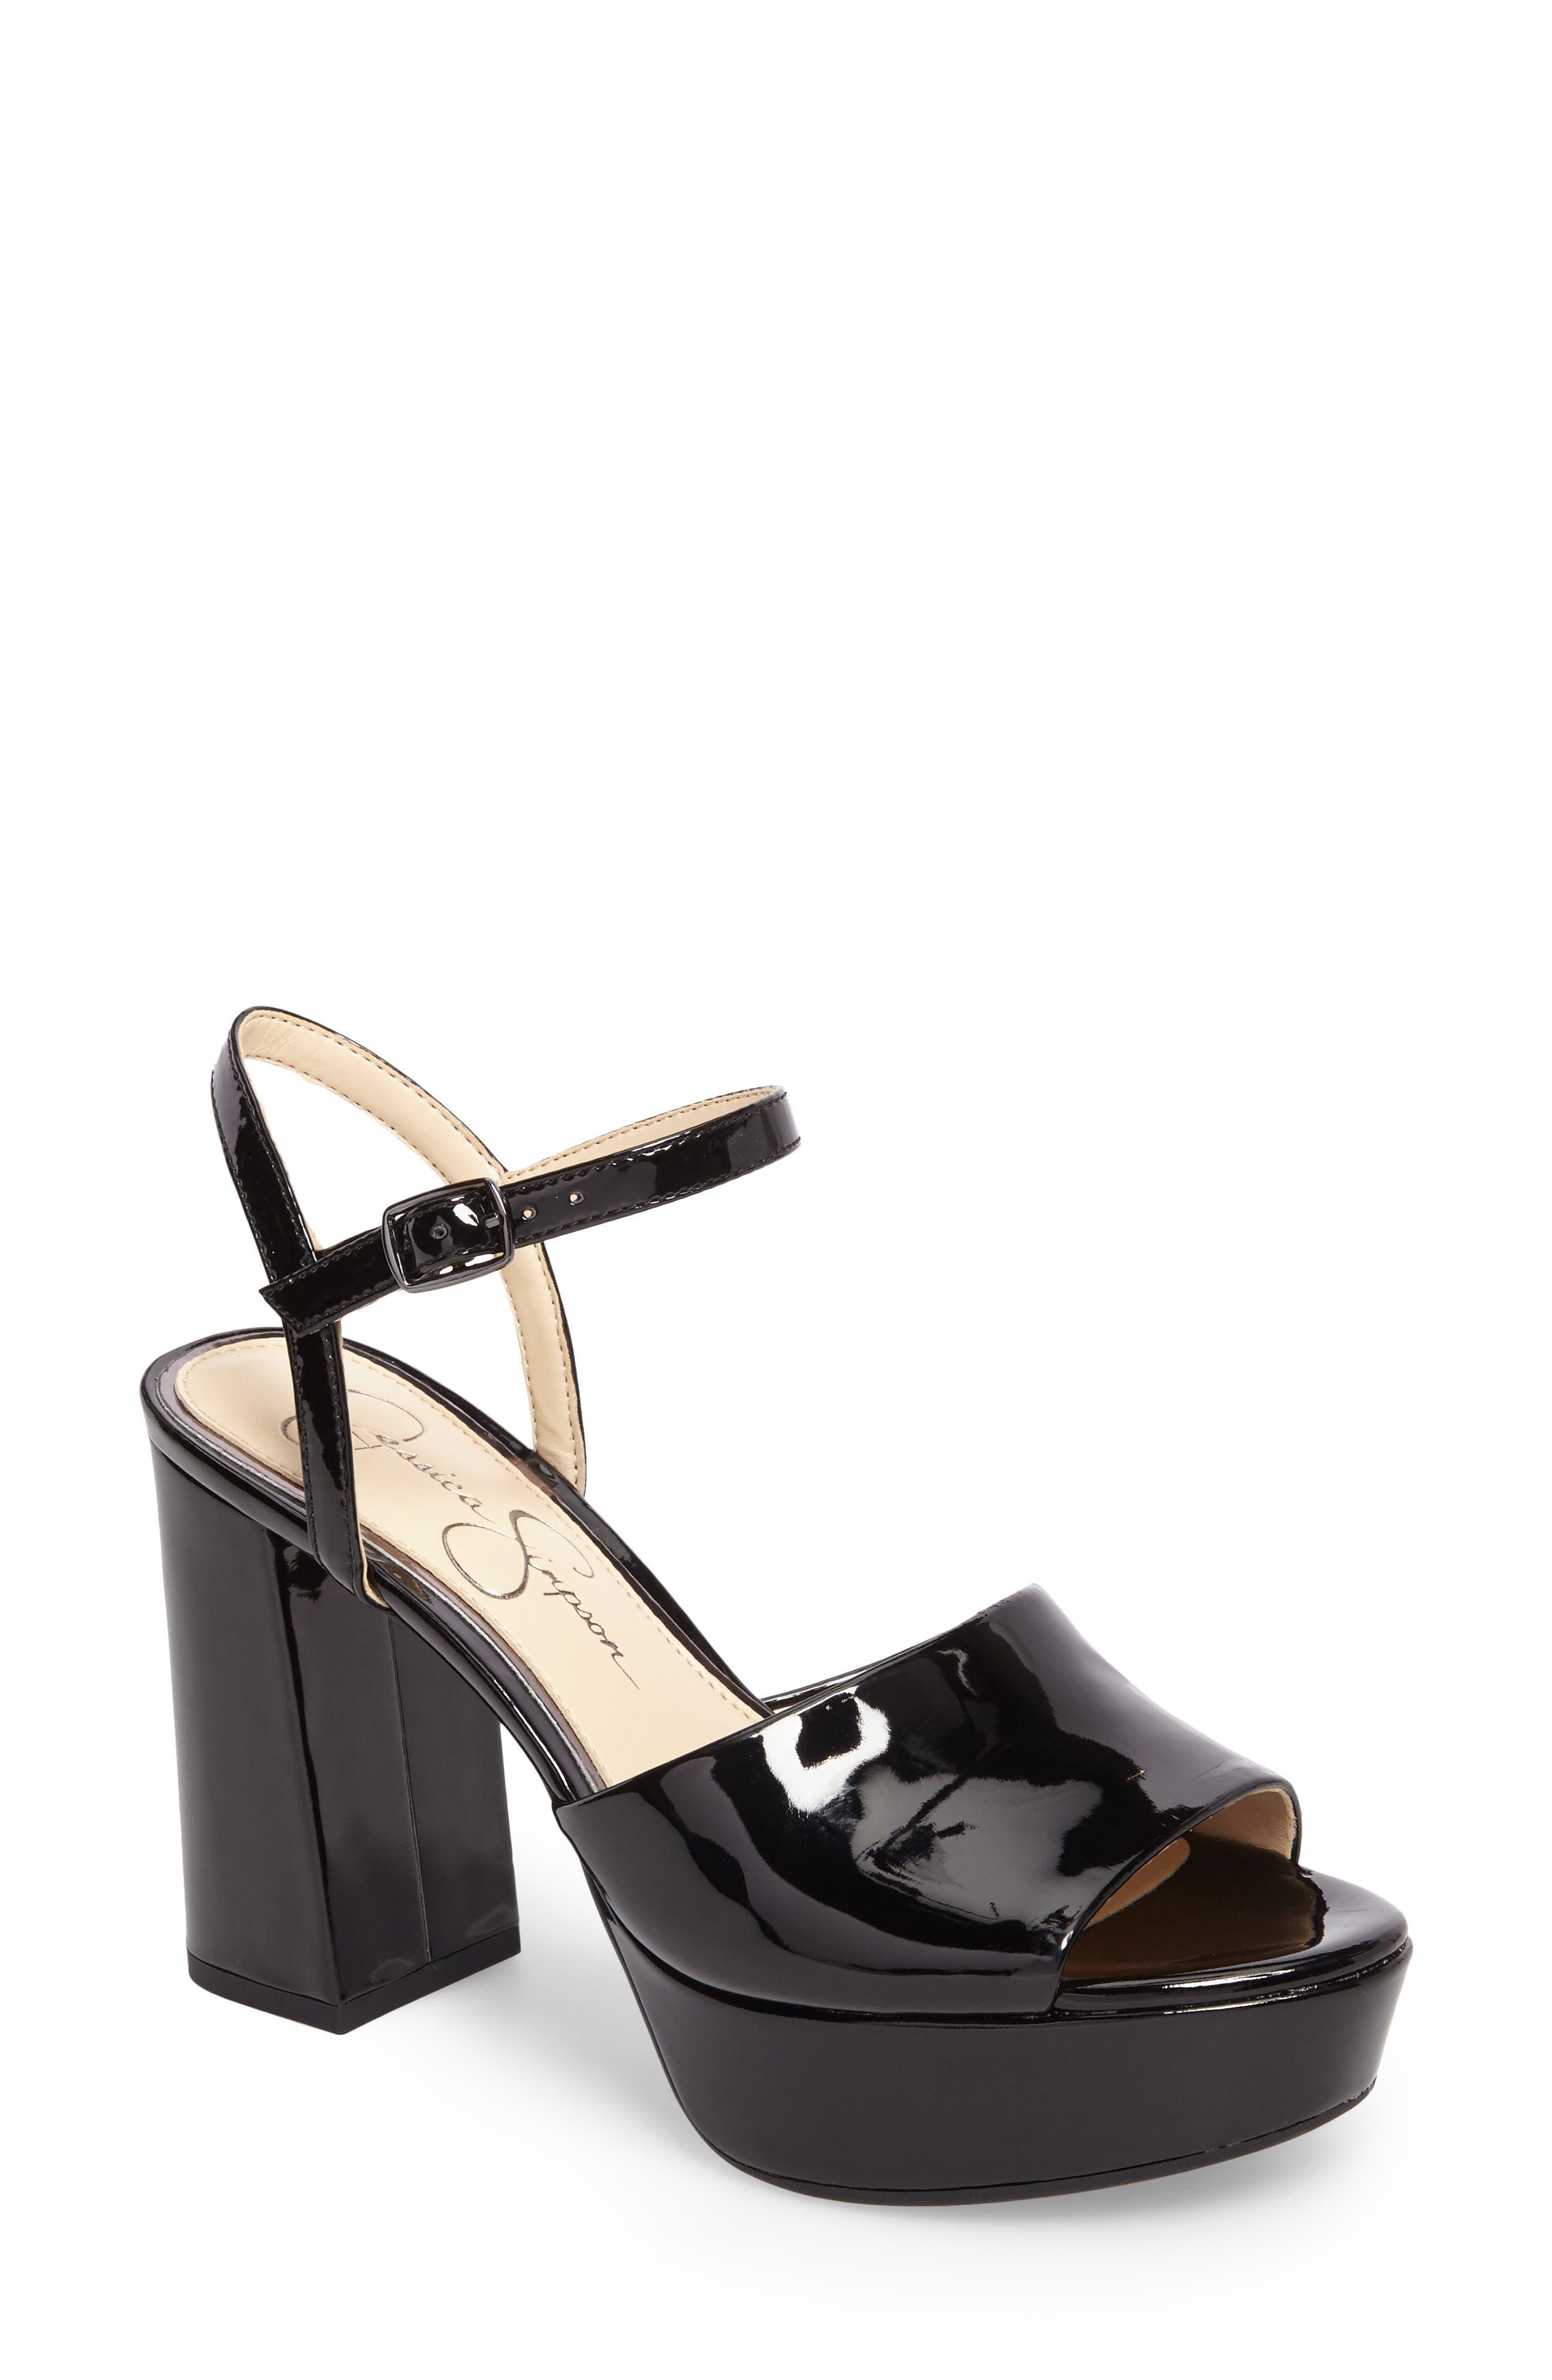 Kerrick Platform Sandal,                             Main thumbnail 1, color,                             Black Patent Leather